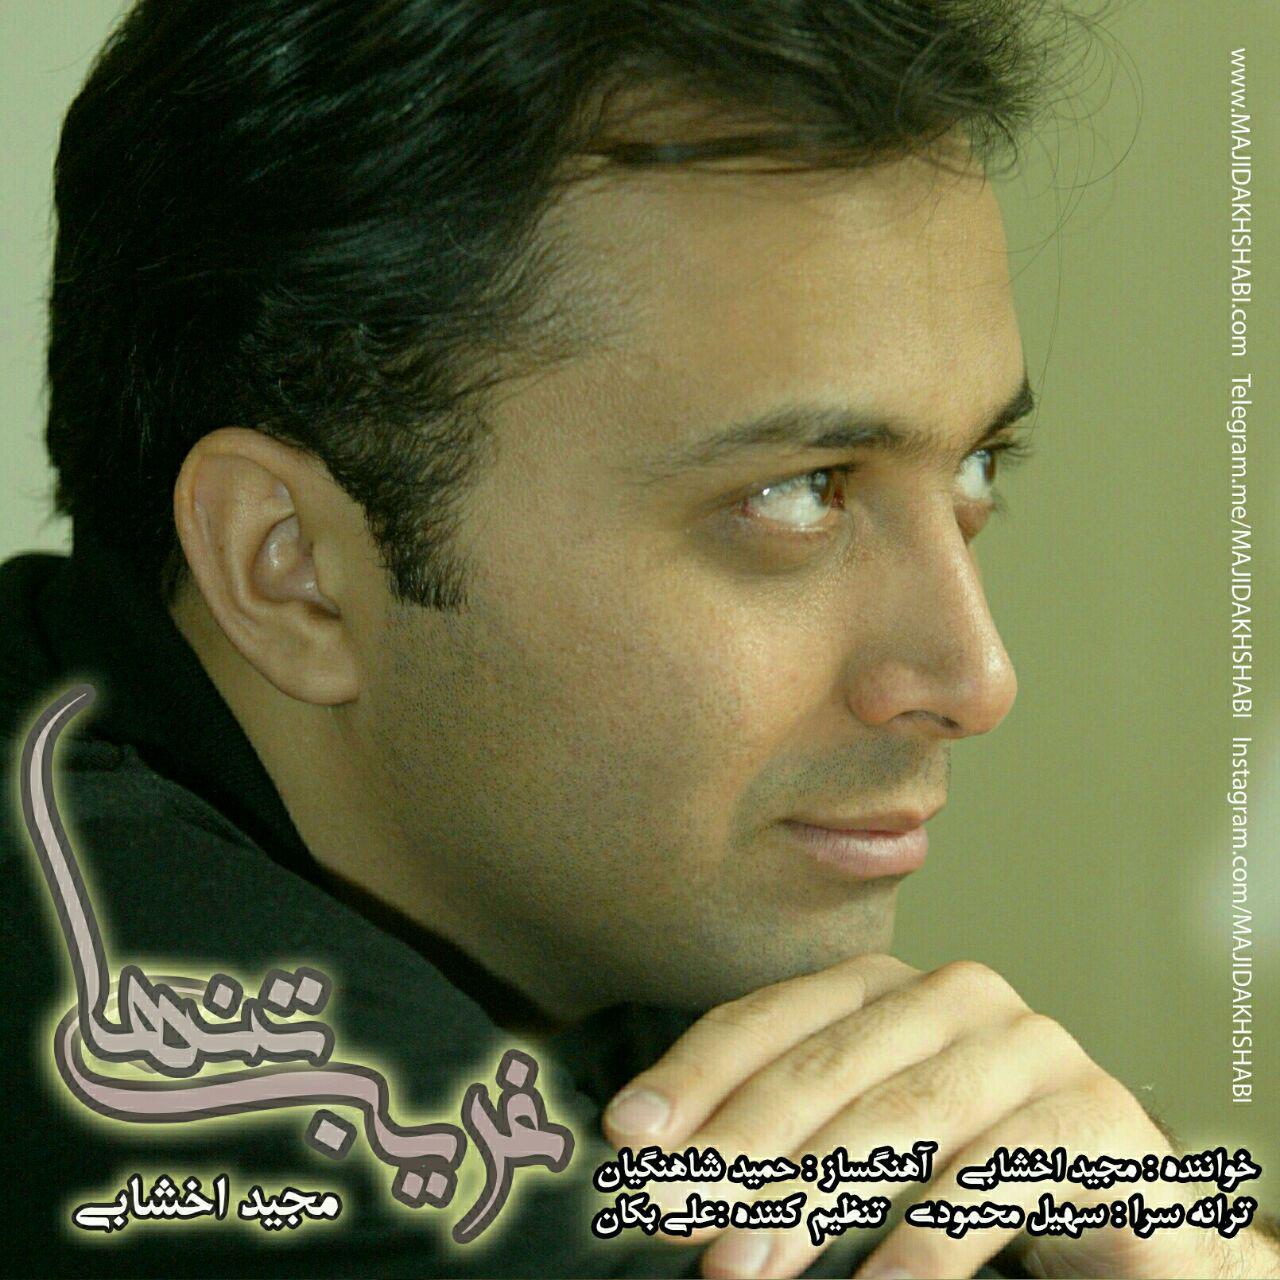 دانلود آهنگ «غریب تنها» با صدای مجید اخشابی